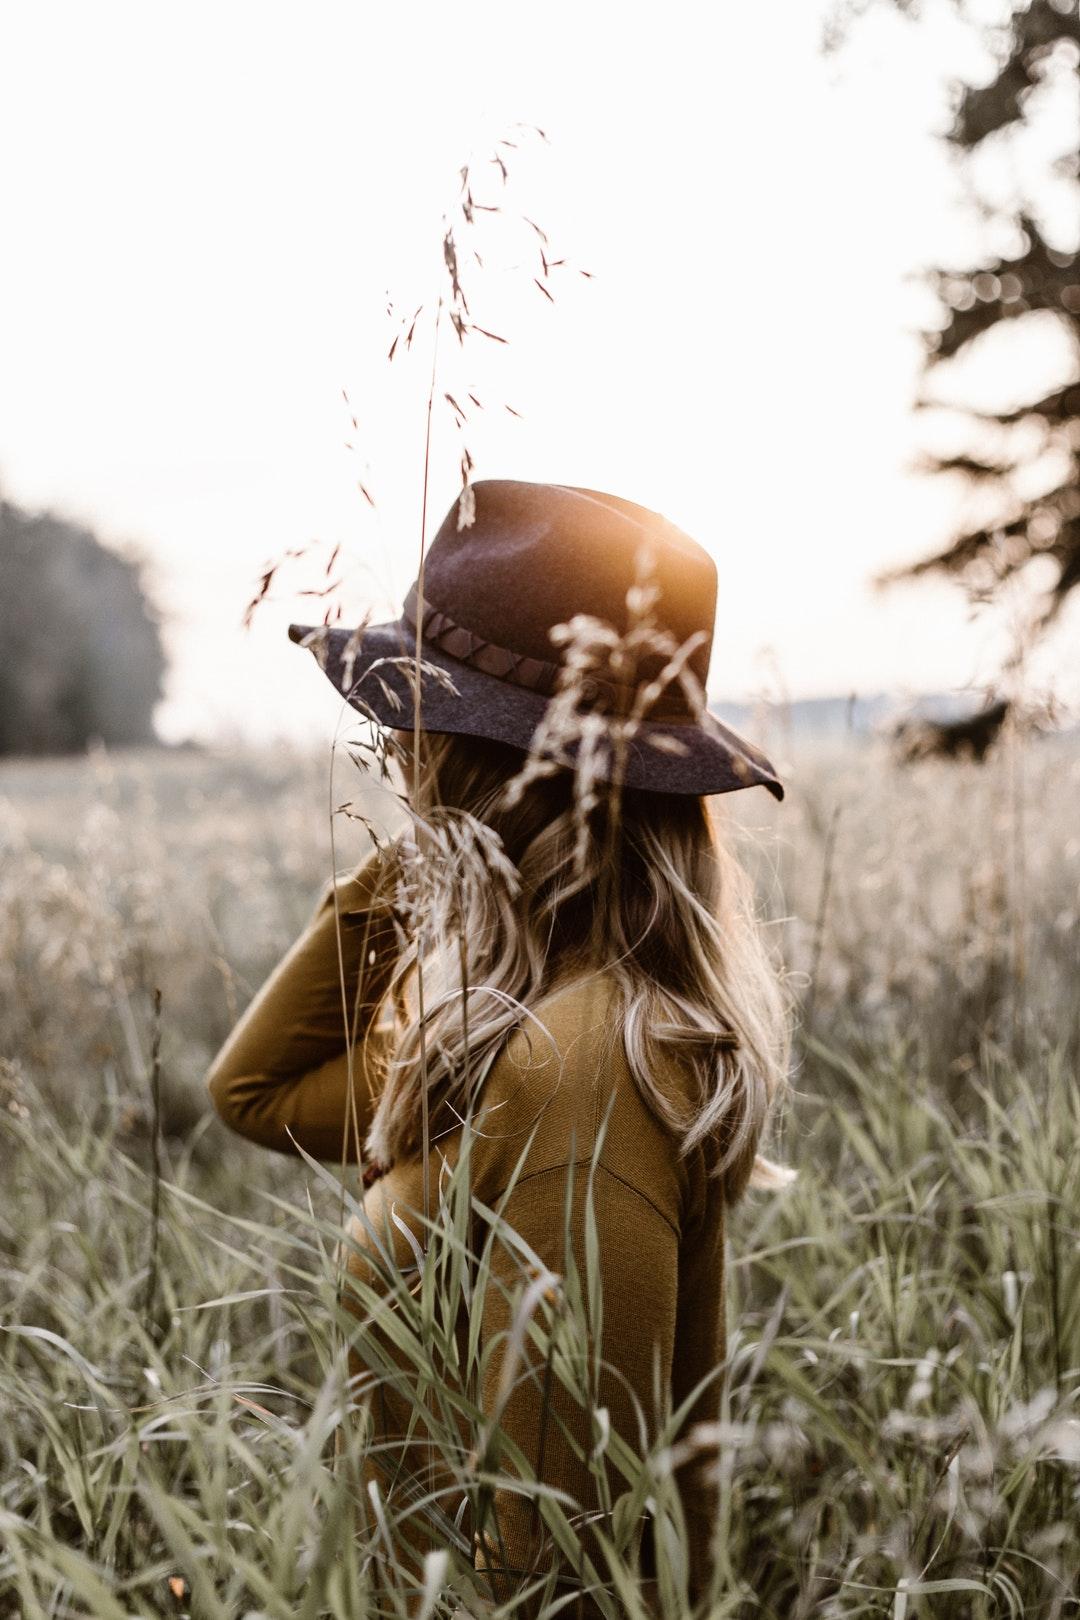 A hat wearing woman in a tall field.